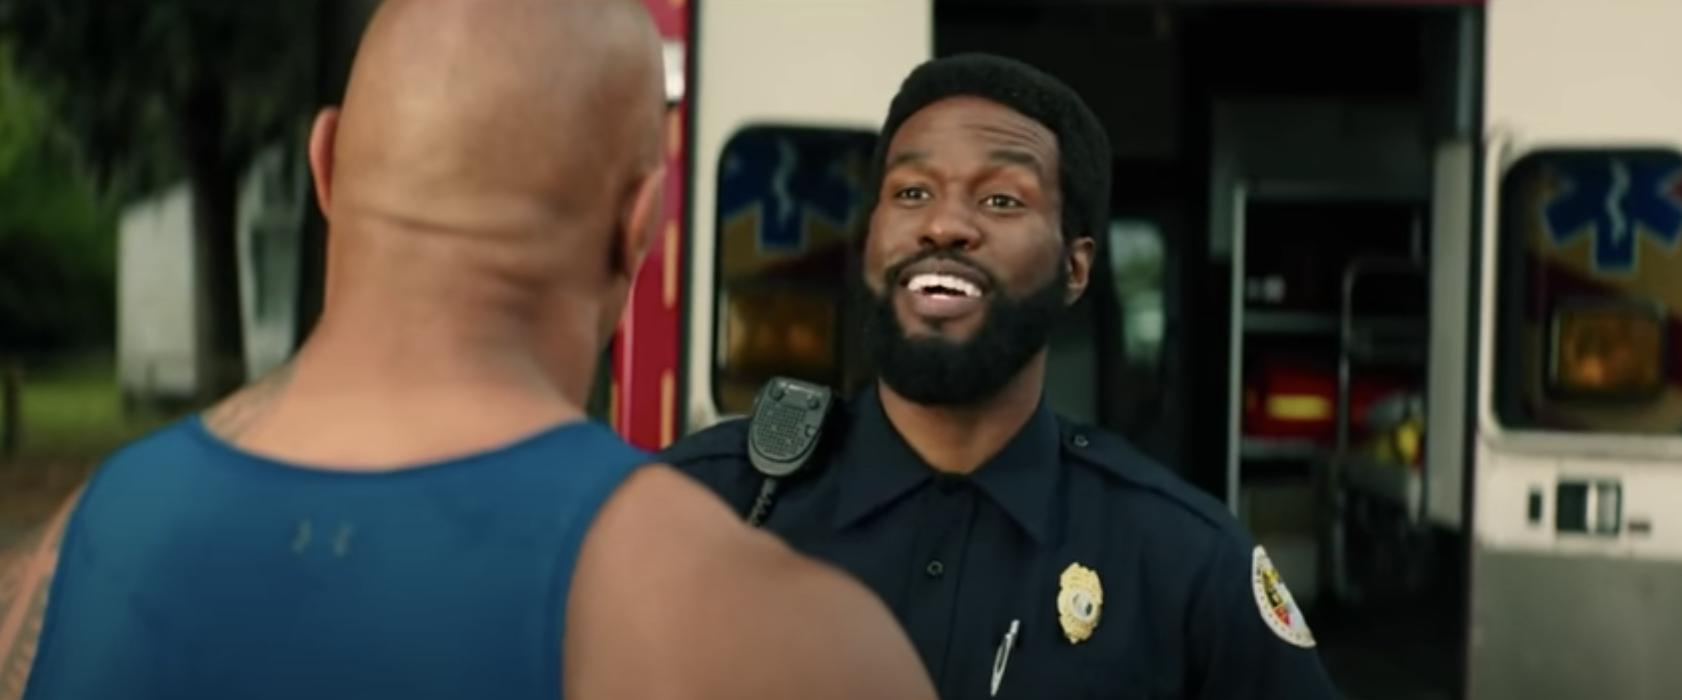 """Yahya smiles as Sgt. Garner Ellerbee in """"Baywatch"""""""